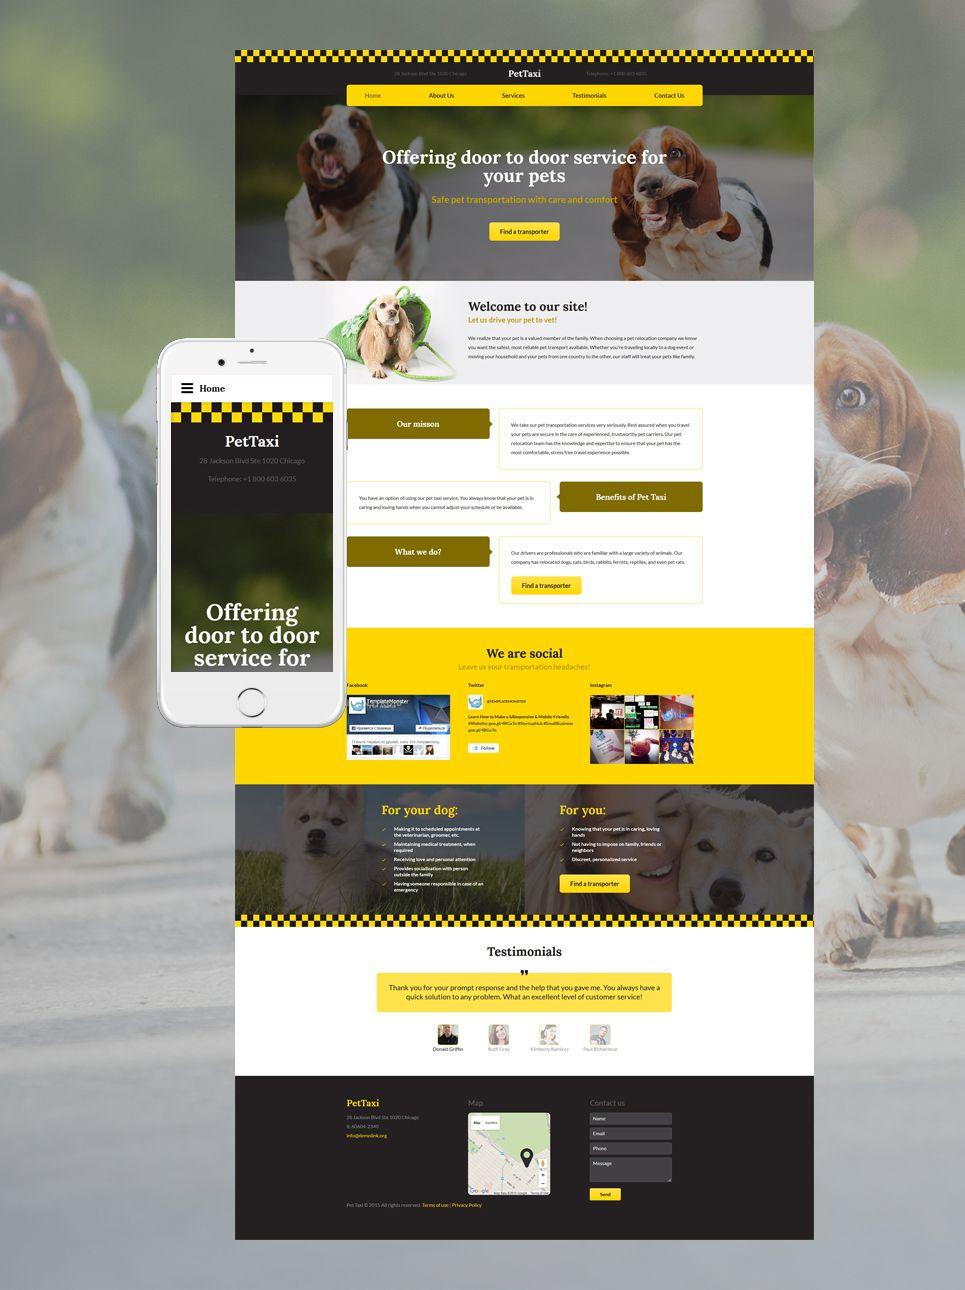 Pettaxi Website Template Website Template Website Template Design Templates